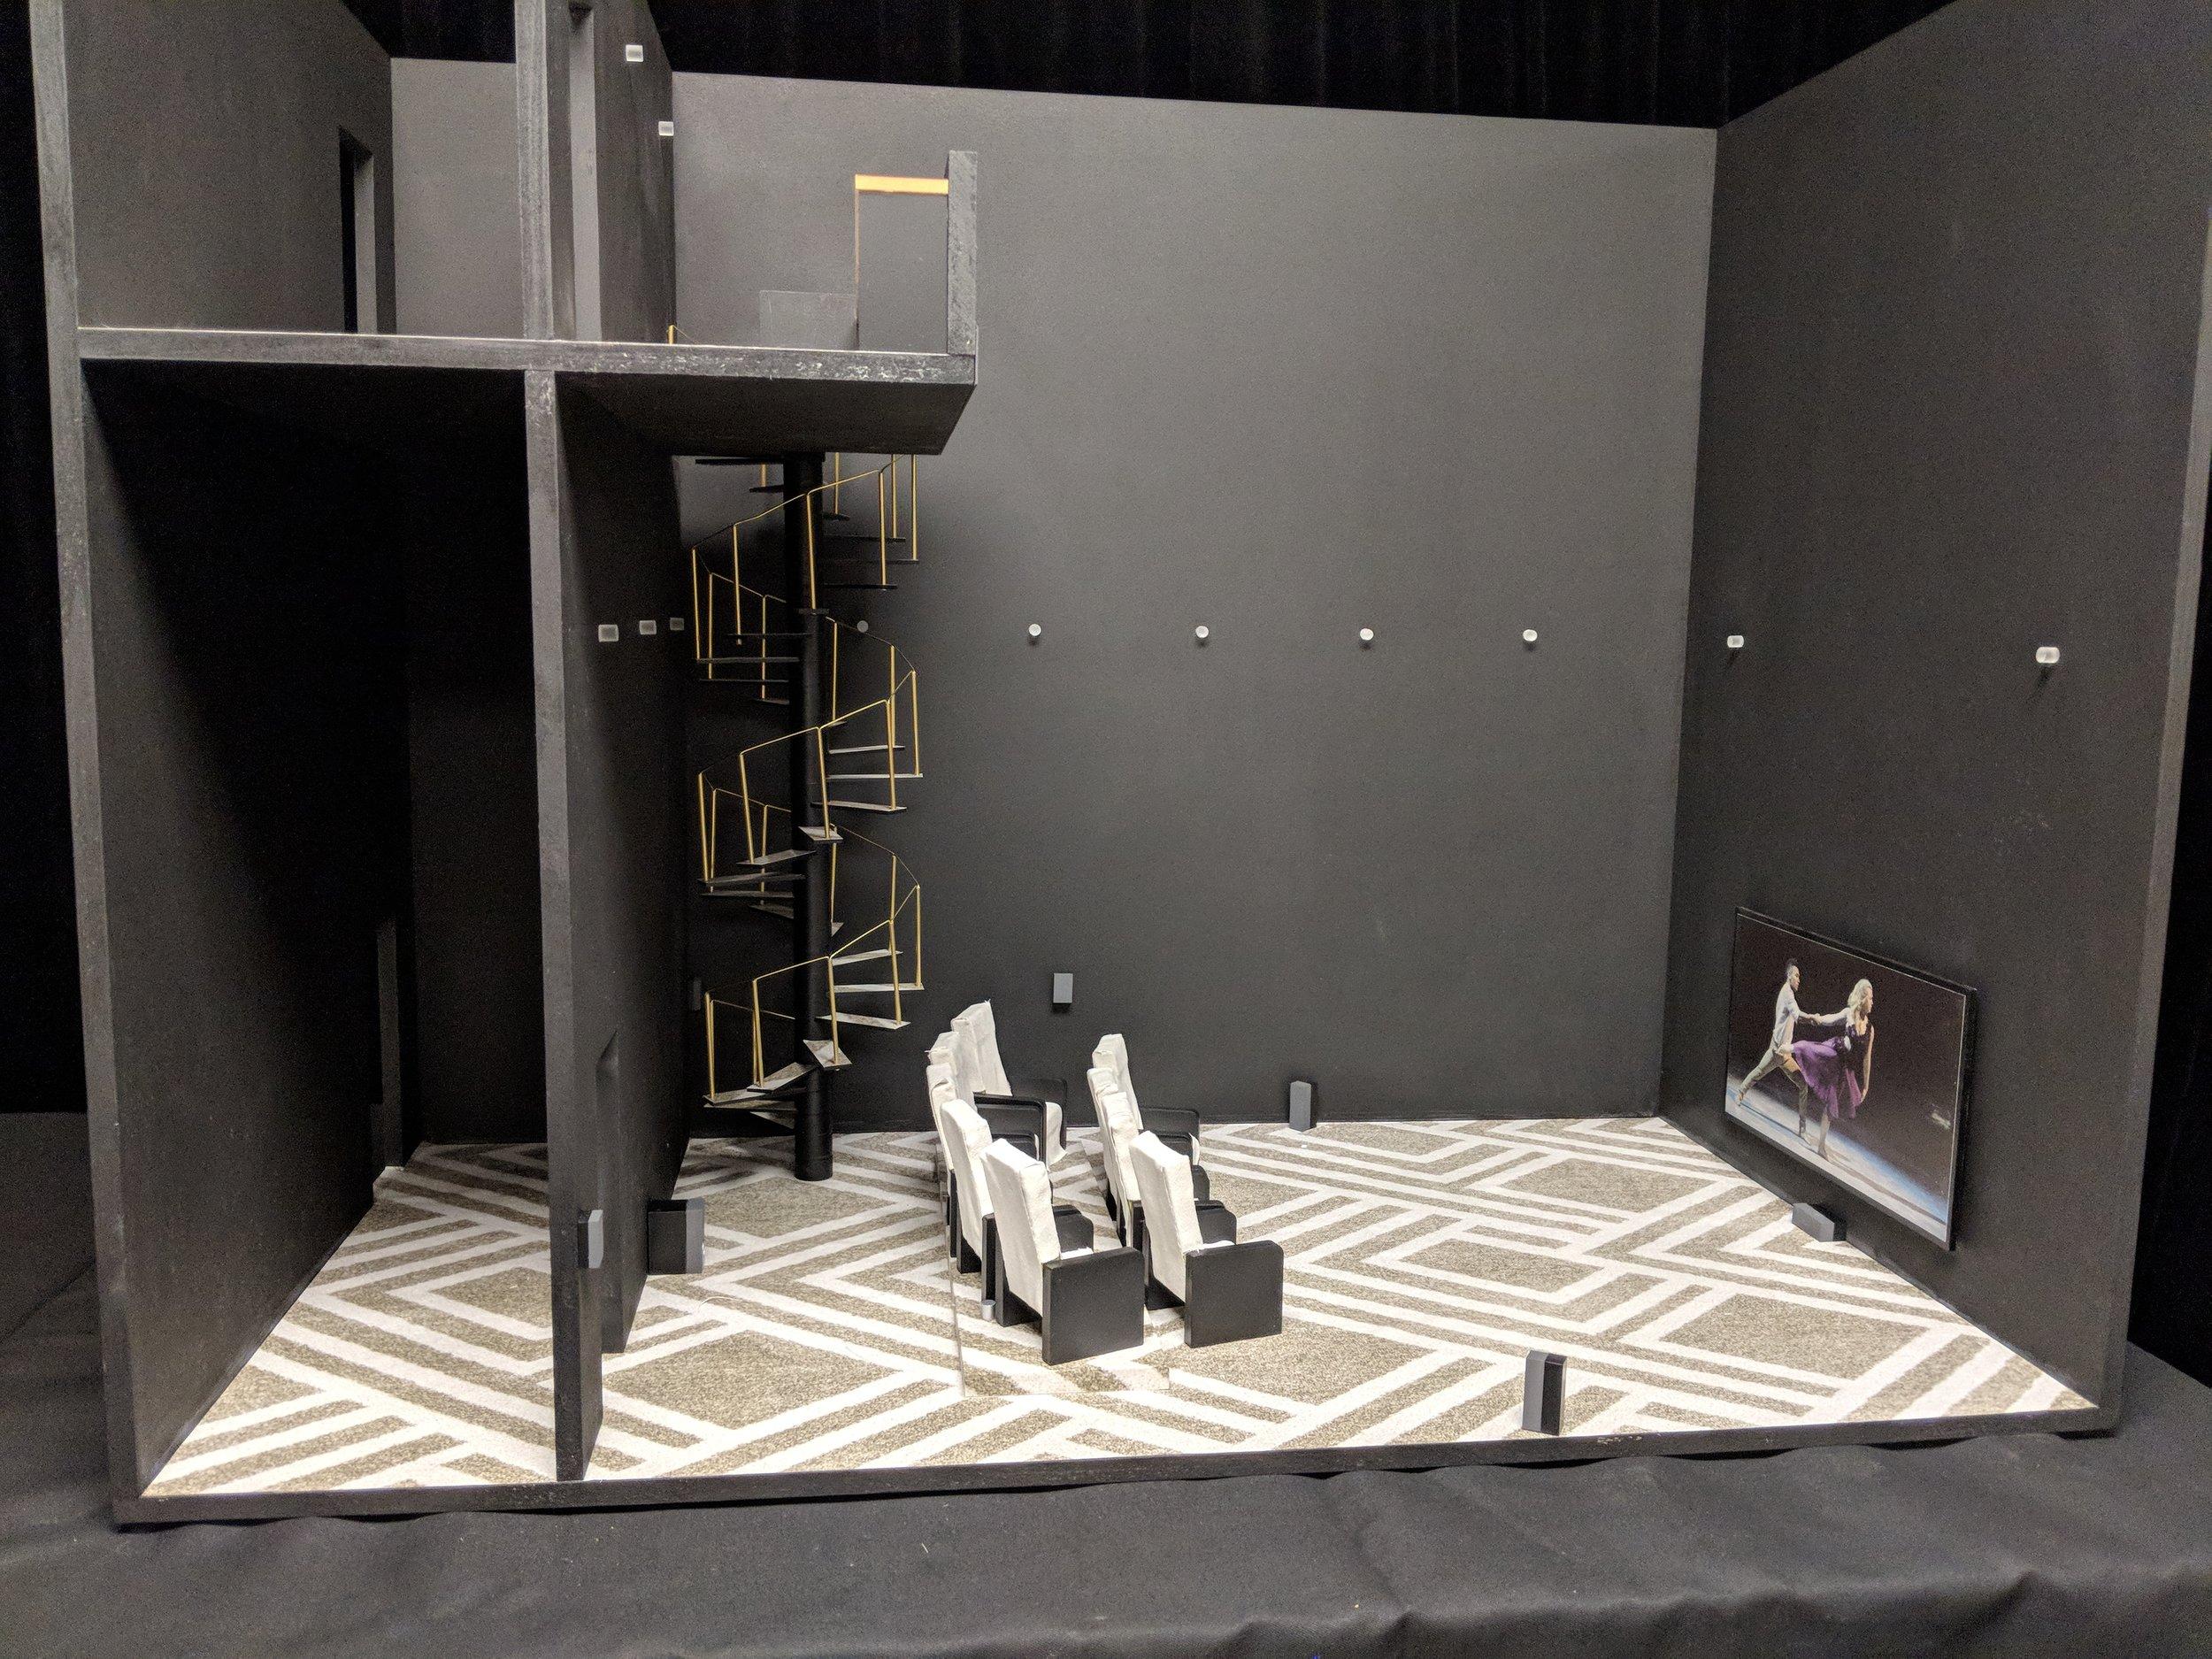 Final Model: Full Theater